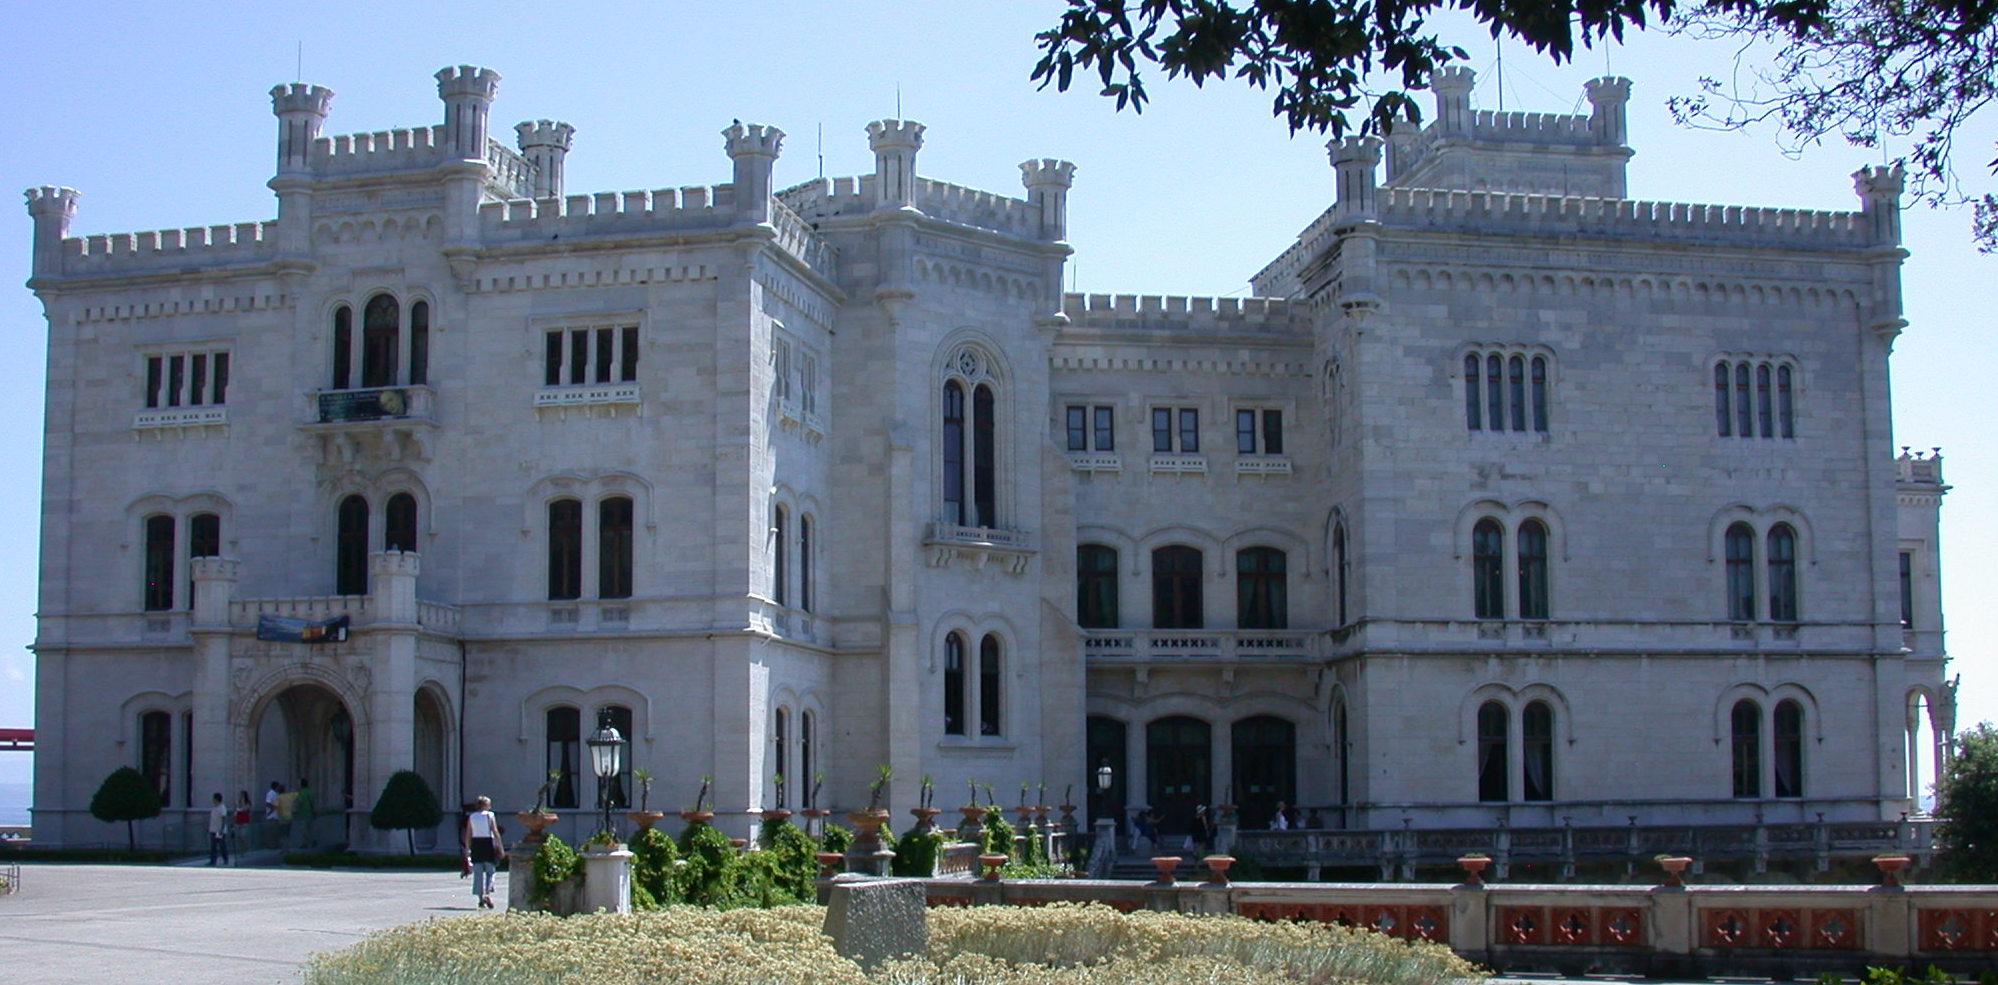 Trieste Castello di Miramare Foto File:trieste Castello di